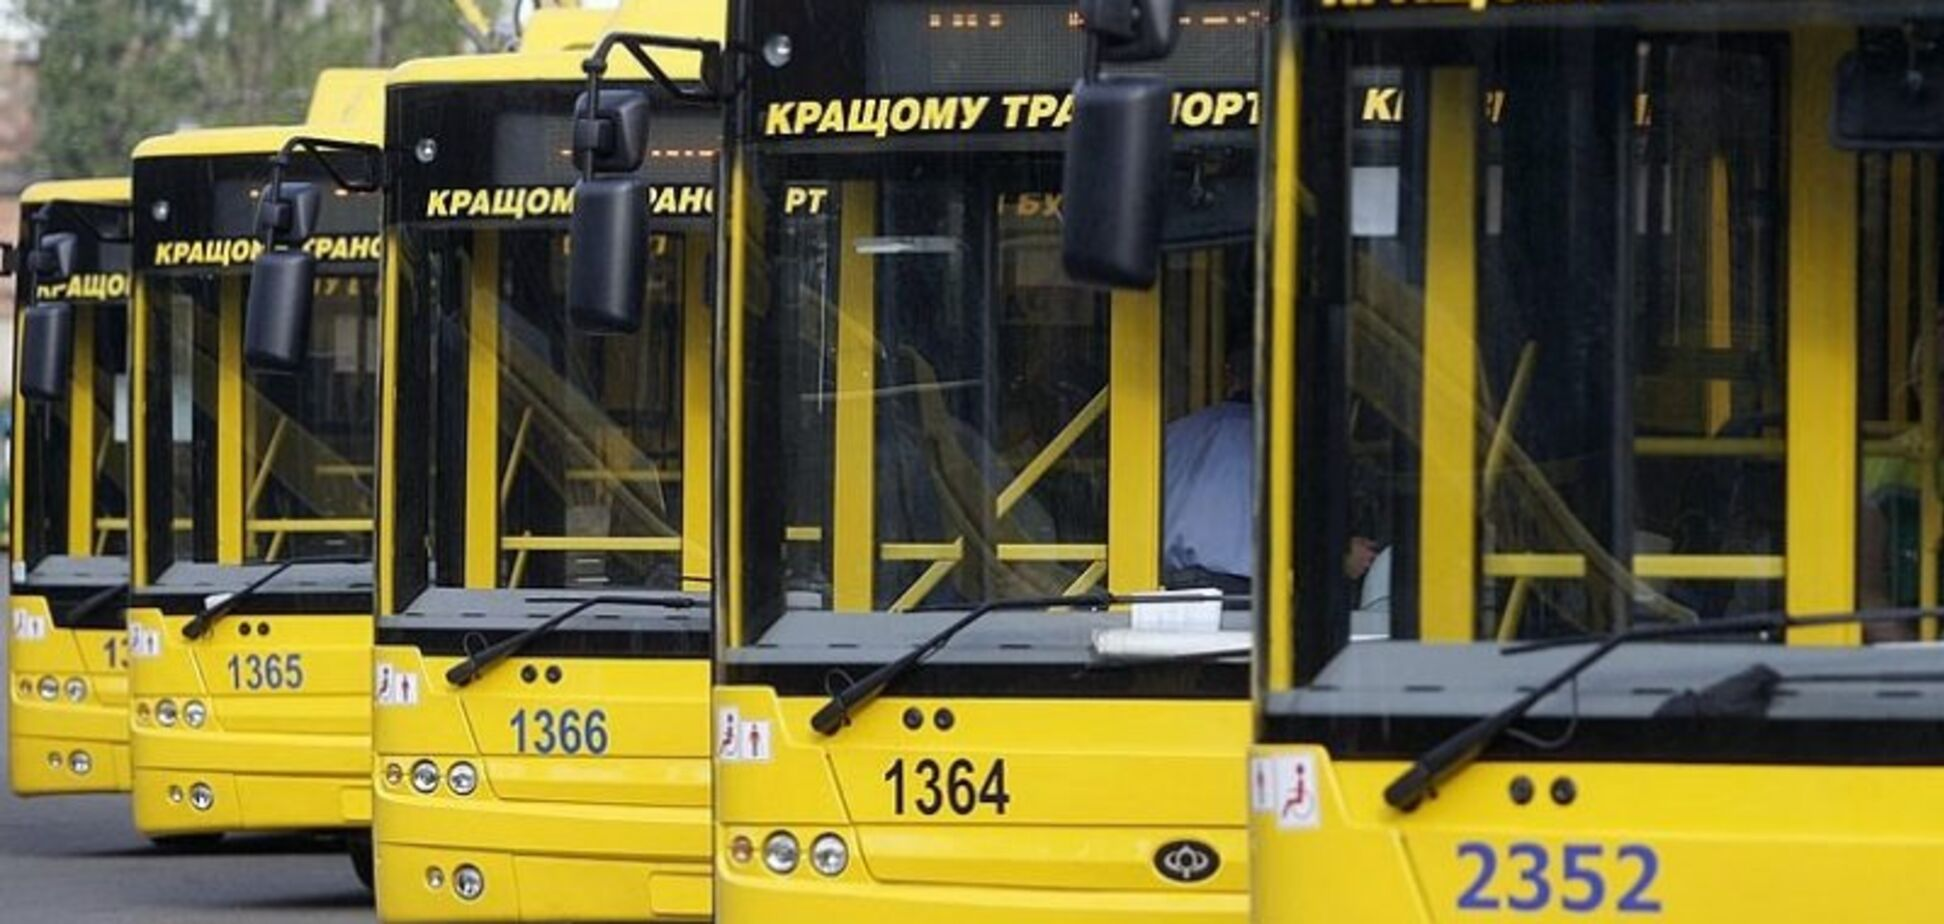 Безоплатного проїзду у транспорті Києва не має бути